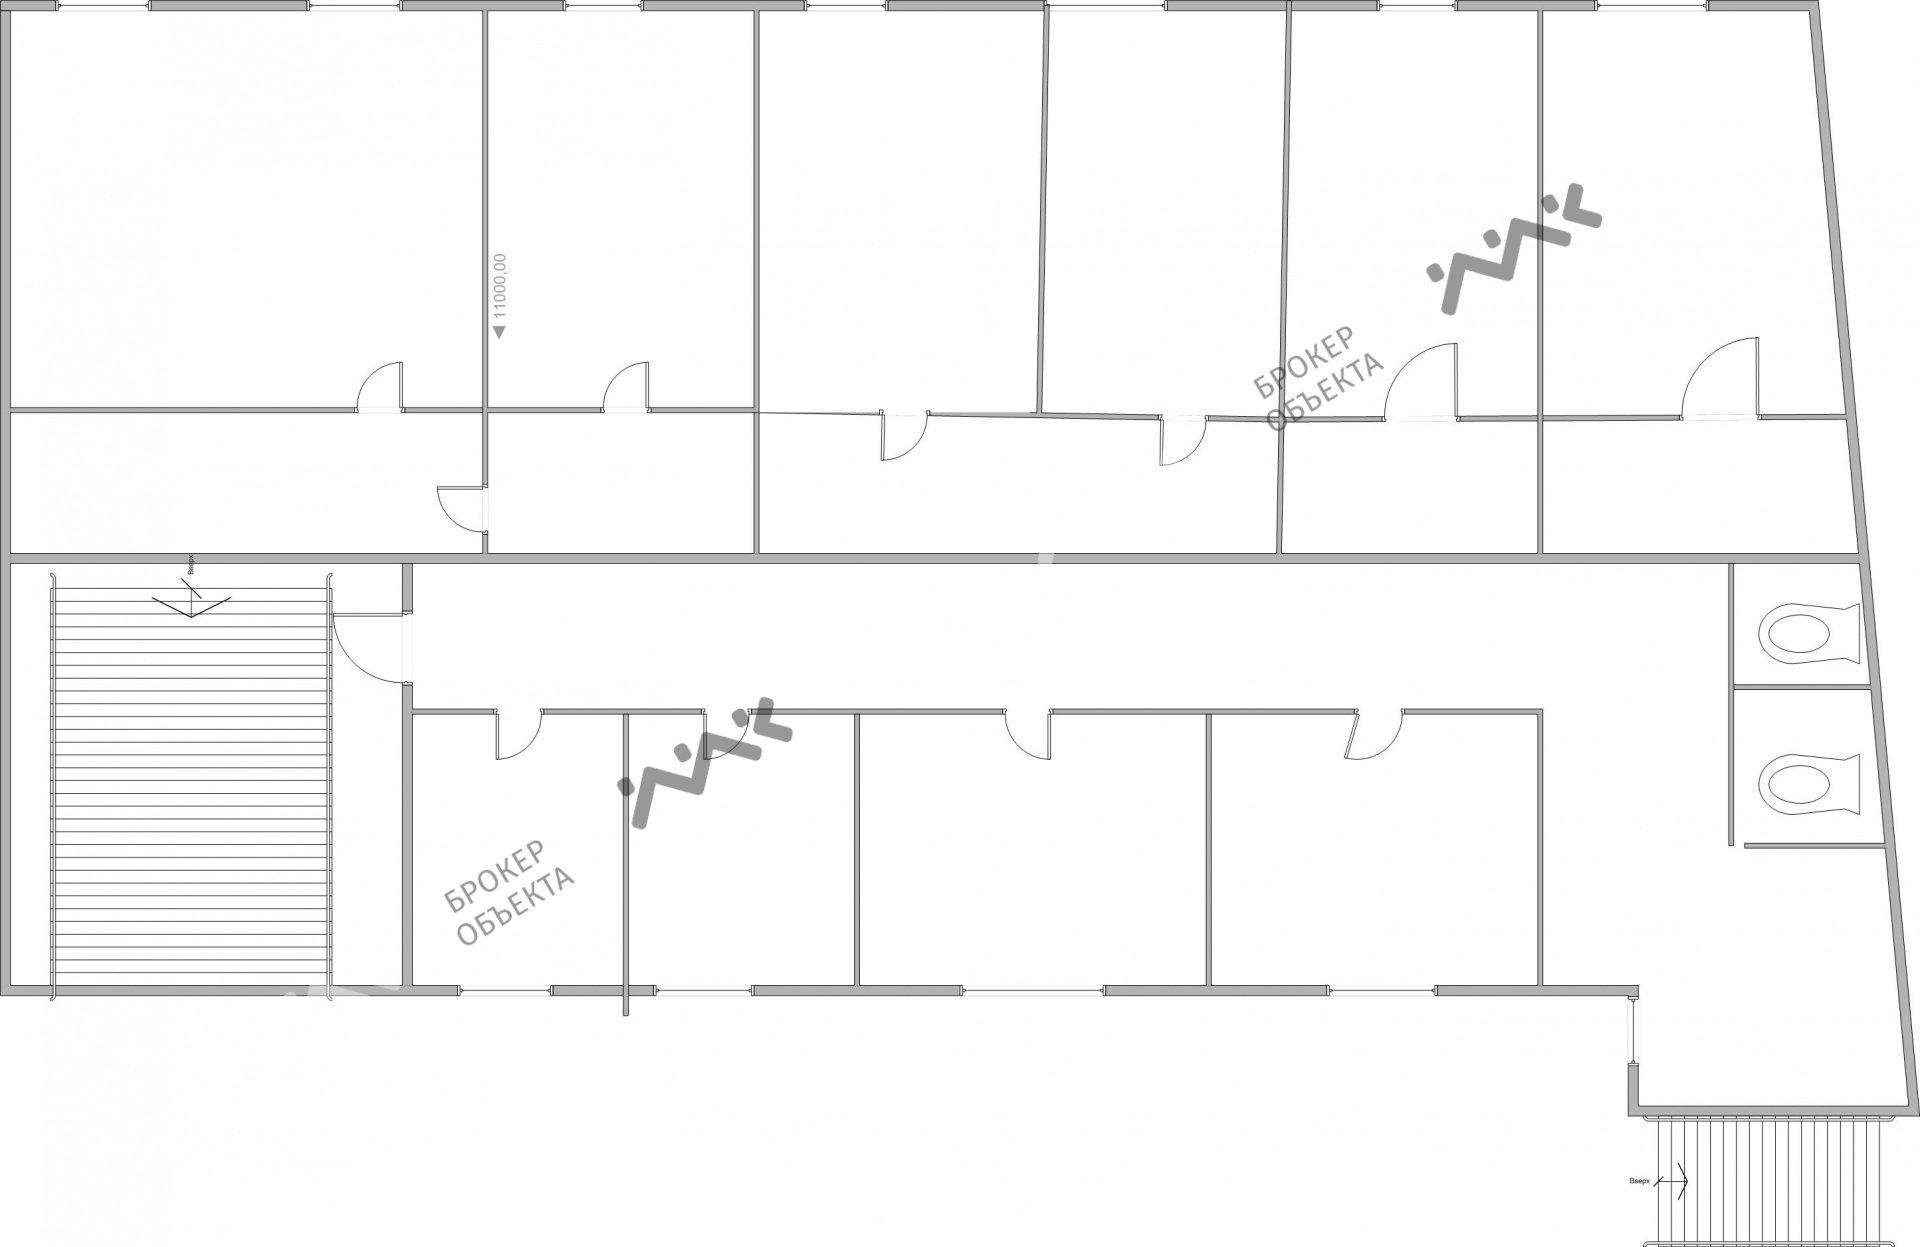 Планировка Невский проспект, д.132. Лот № 1356144